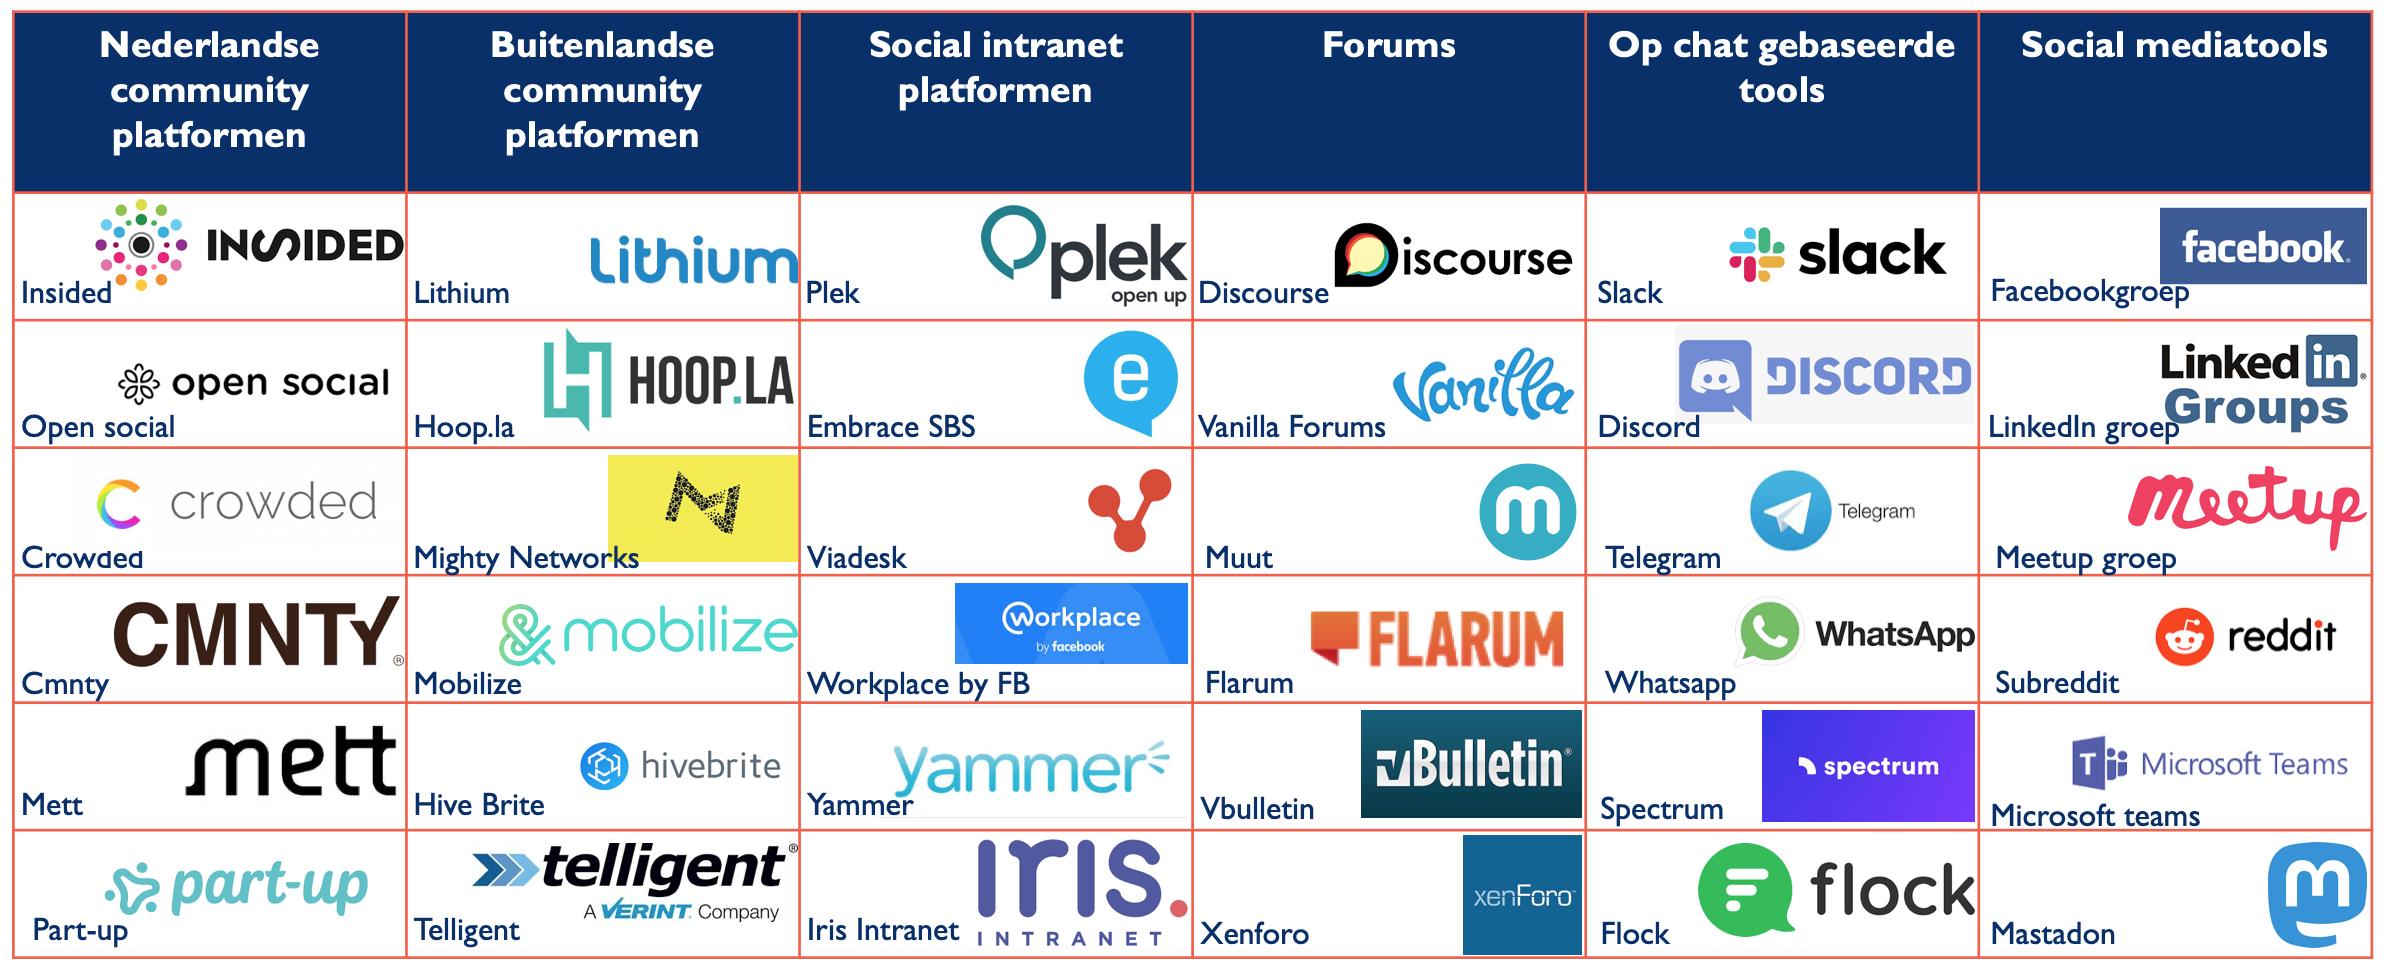 Een handig overzicht met kant-en-klare community-platformen.